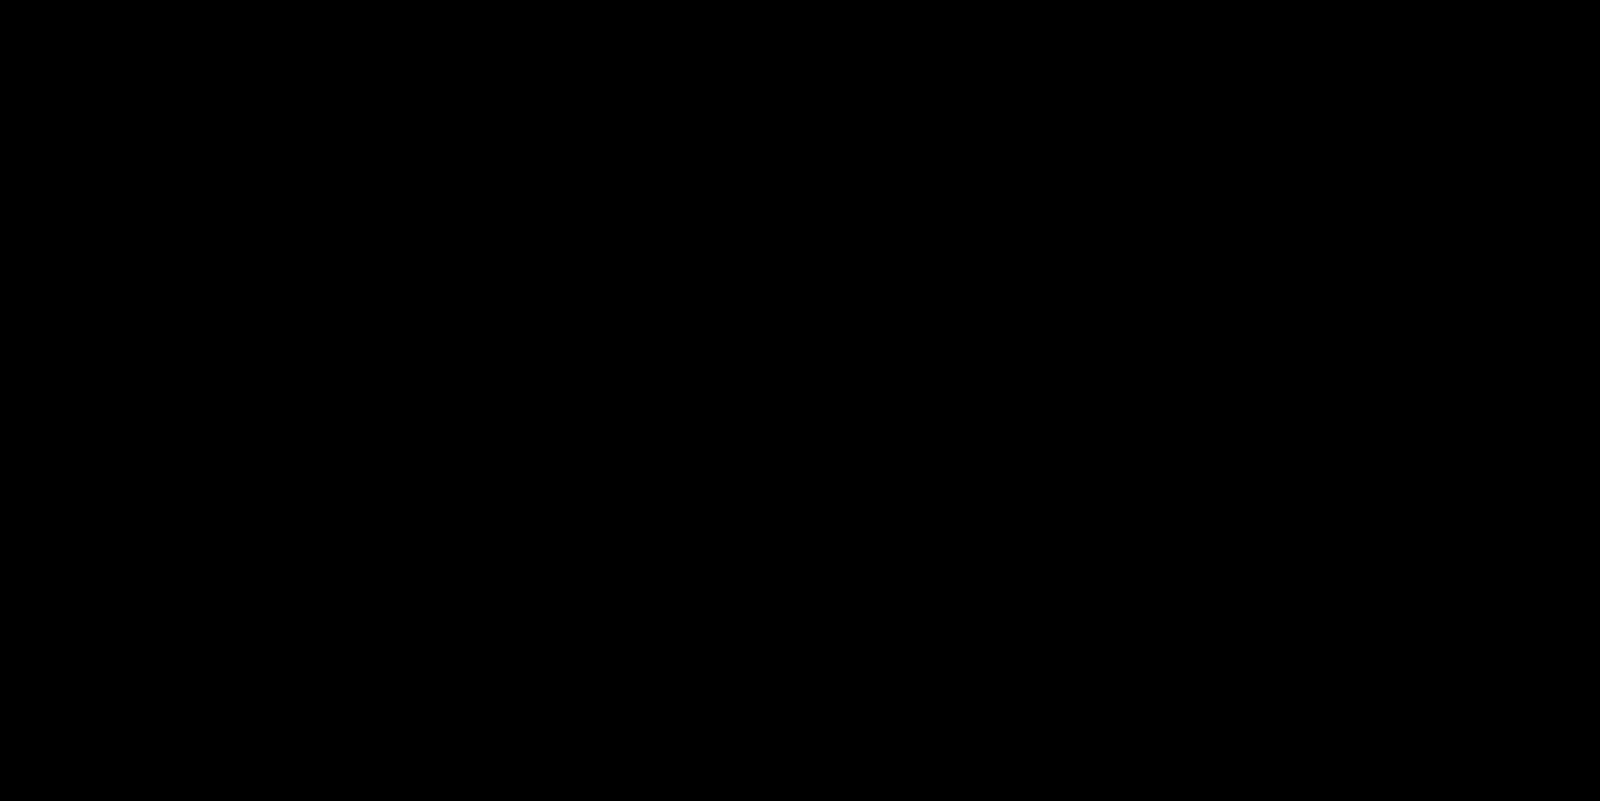 Saules – Encre, graphite et fusain 40×80 cm 2013